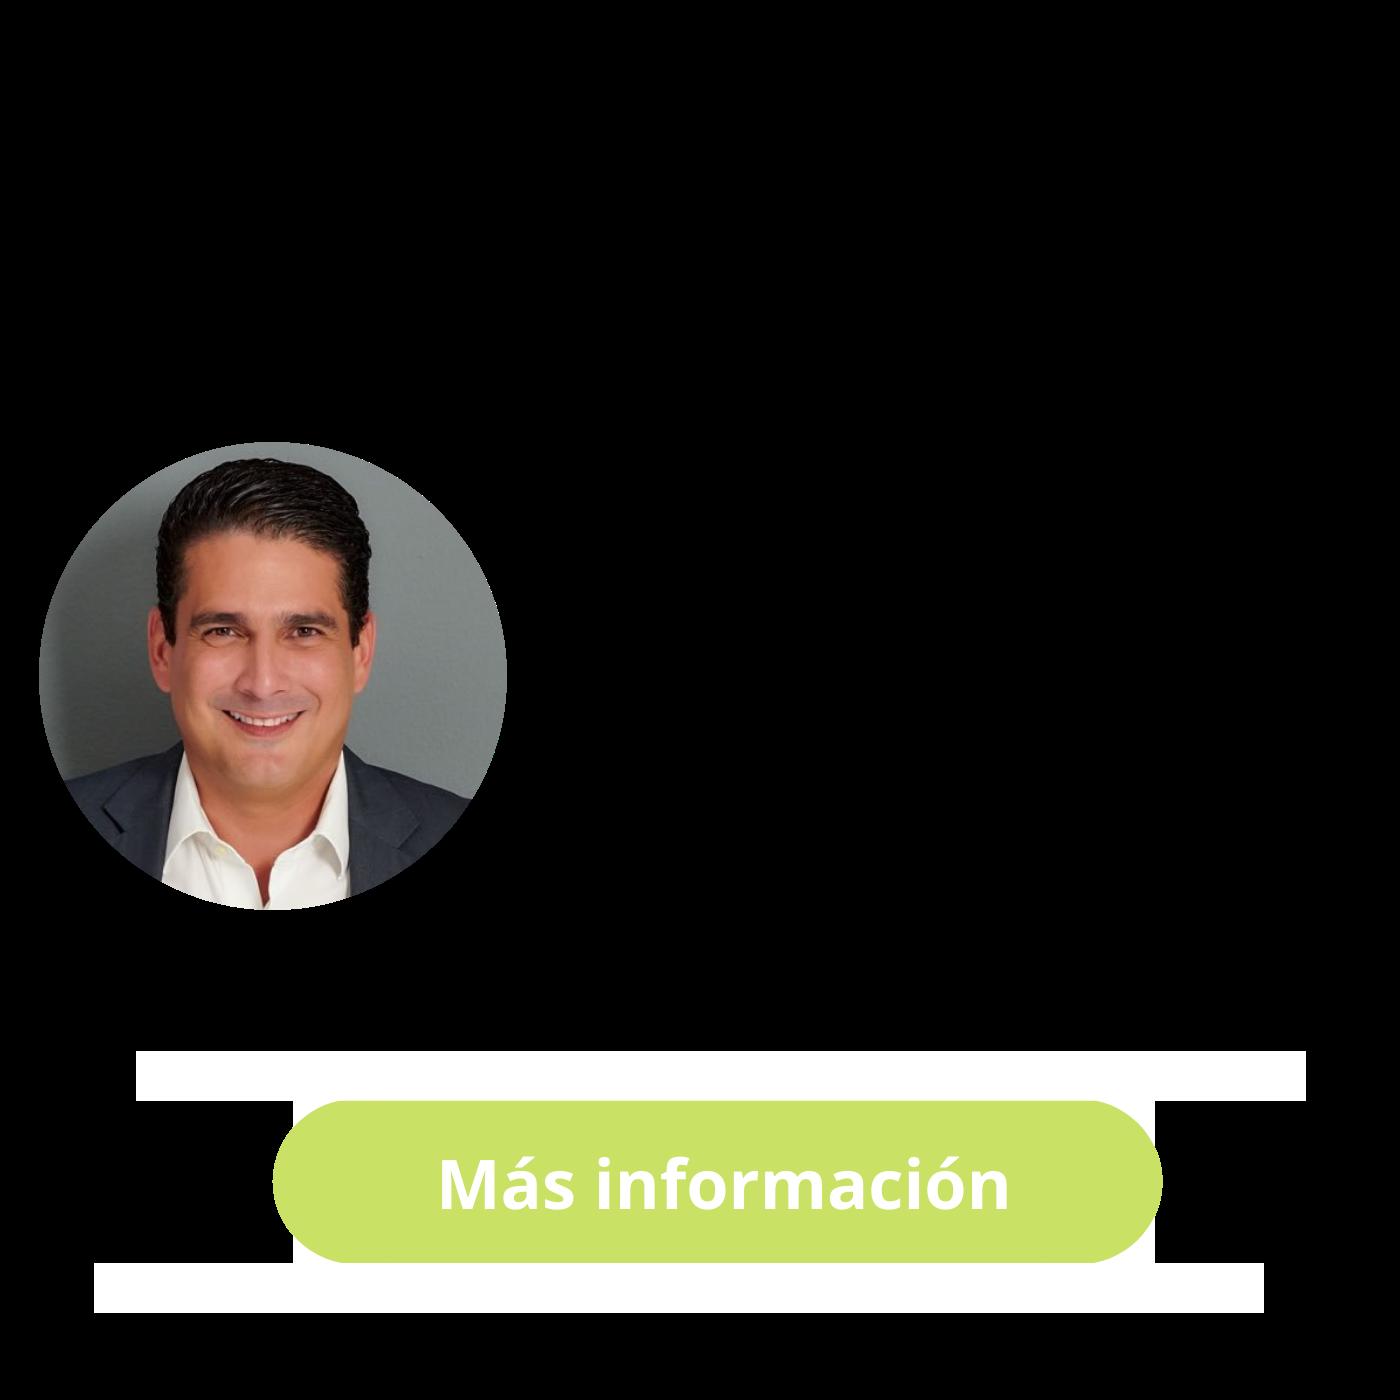 El Apoyo A Los Productores Locales Y El Progreso Agrícola. Newsletter. Infografía. Roberto d'Aubuisson. 2021